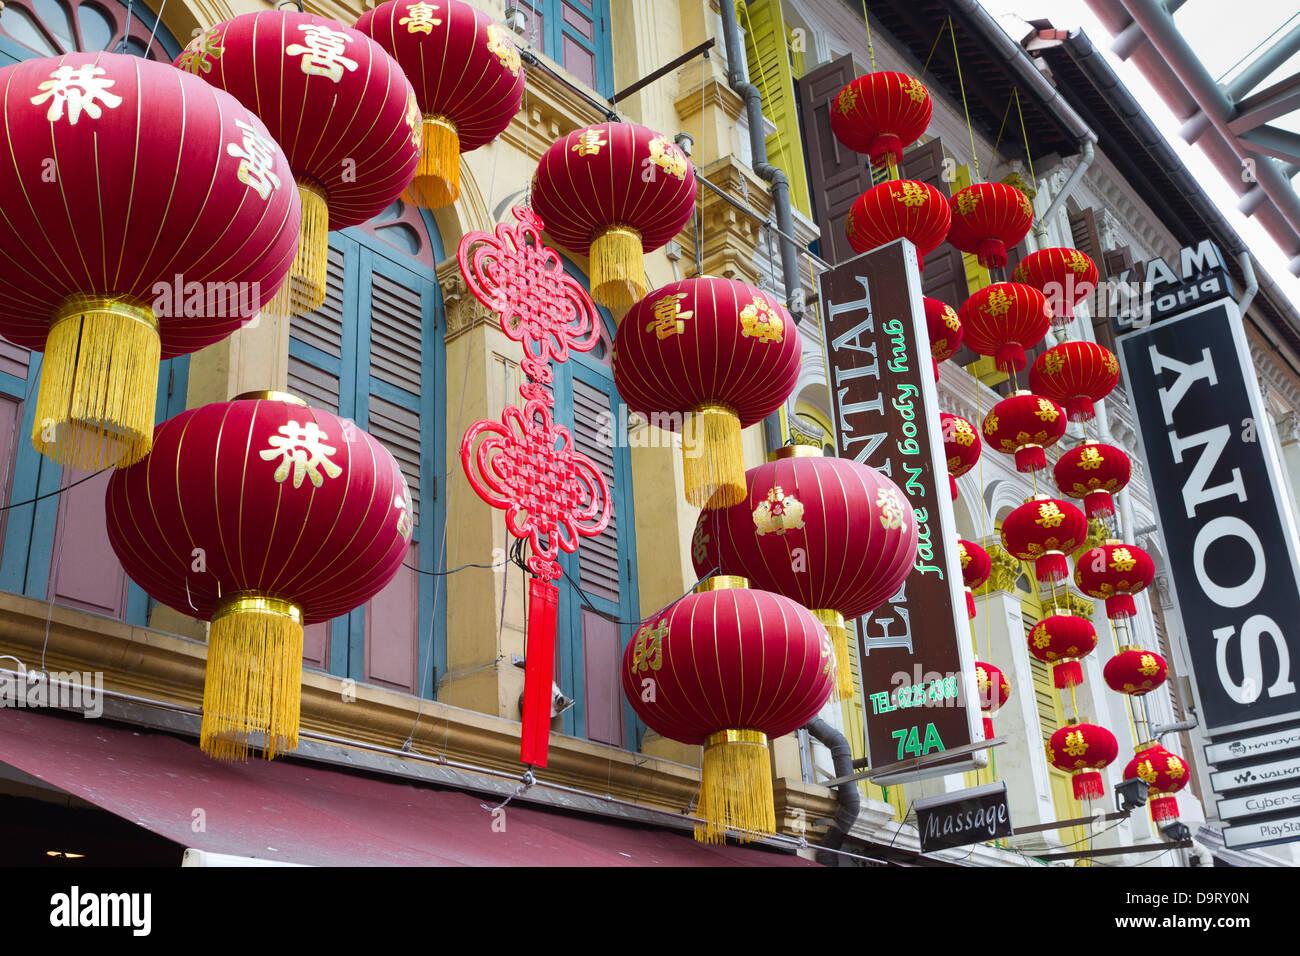 Lanternes chinoises rouge accroché à l'extérieur des usines, Chinatown, Singapour, Asie Photo Stock